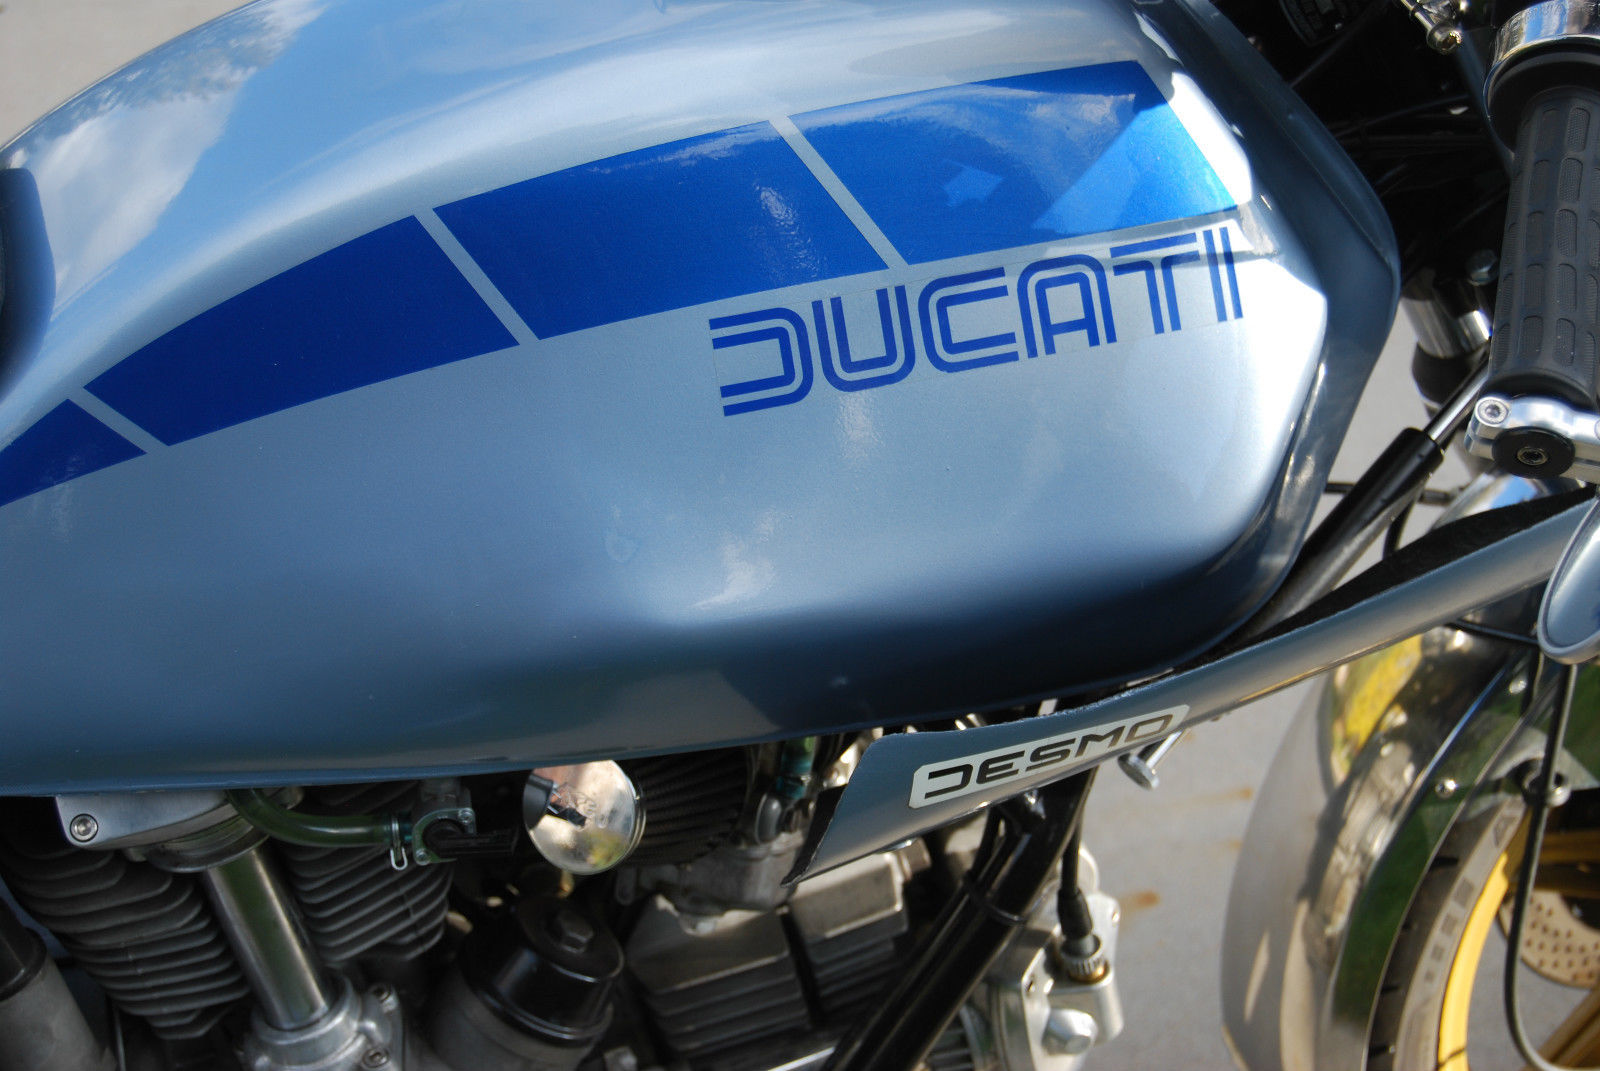 Ducati Darmah - 1980 - Gas Tank, Steering Damper, Grip and Mirror.